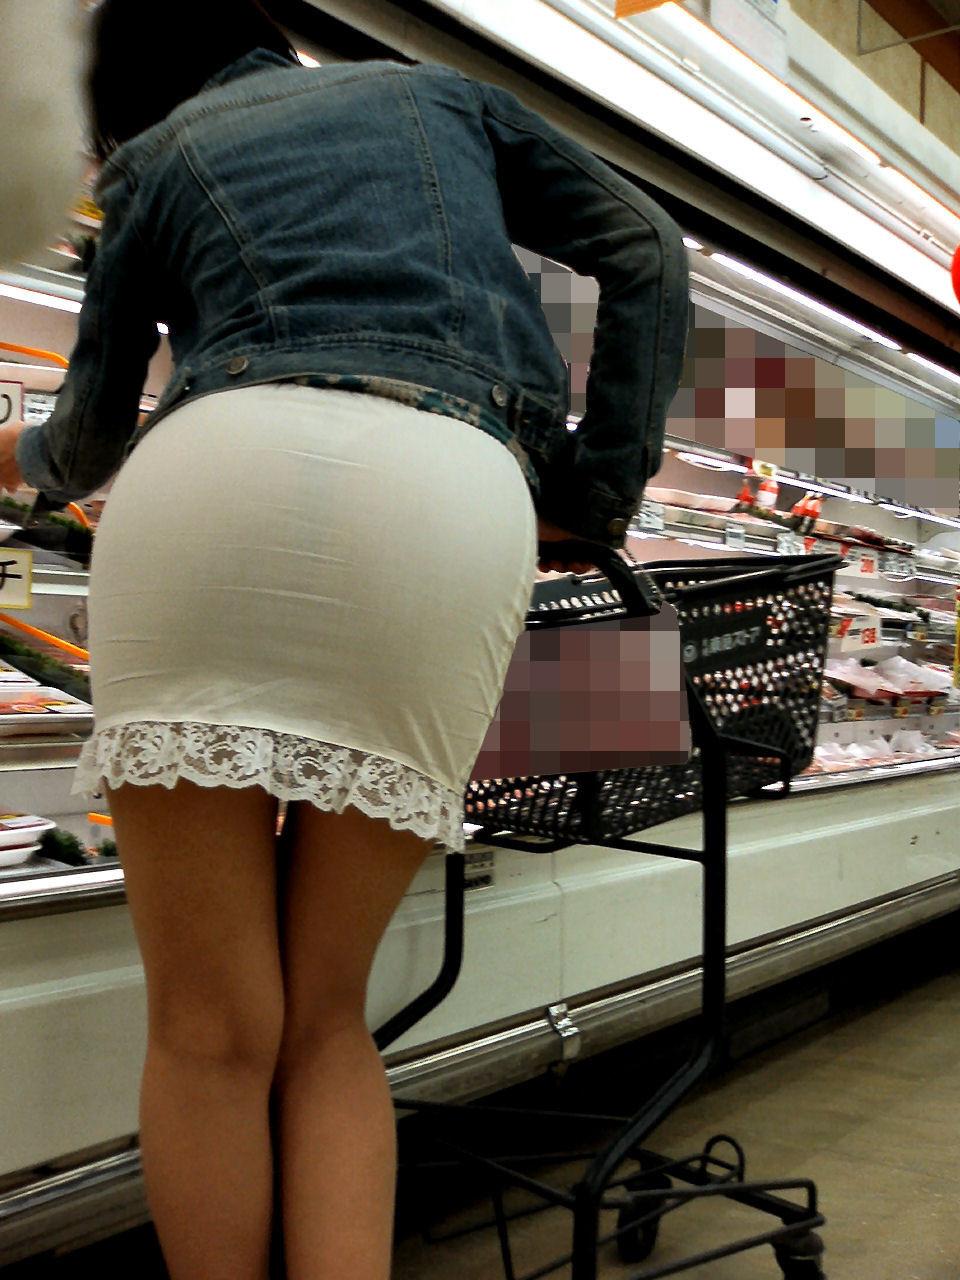 【着尻エロ画像】たまにキツそうに履く人もw巨尻を際立たせる大人のタイトwww 29